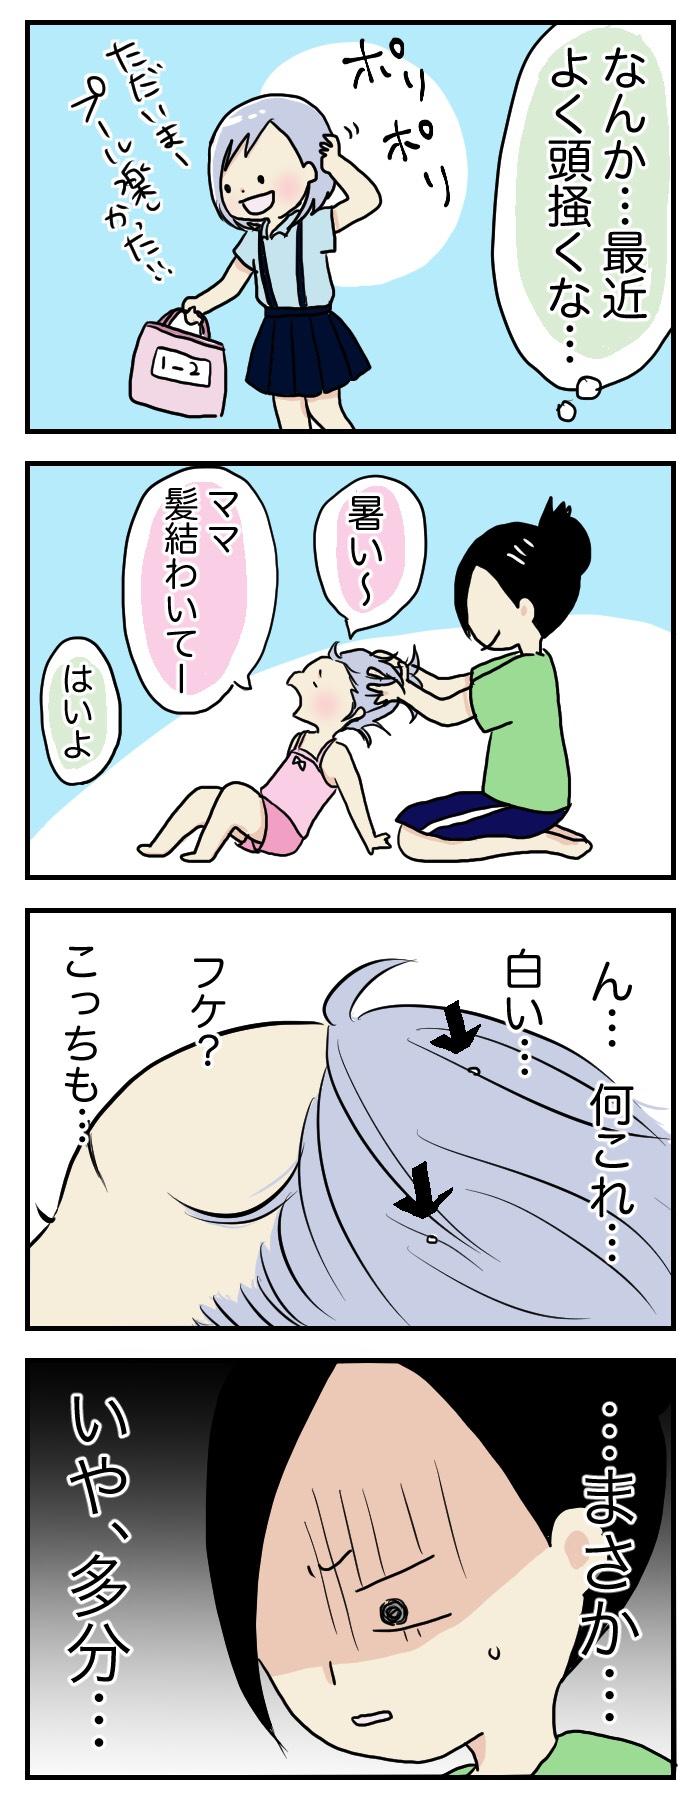 4コマプール (1)